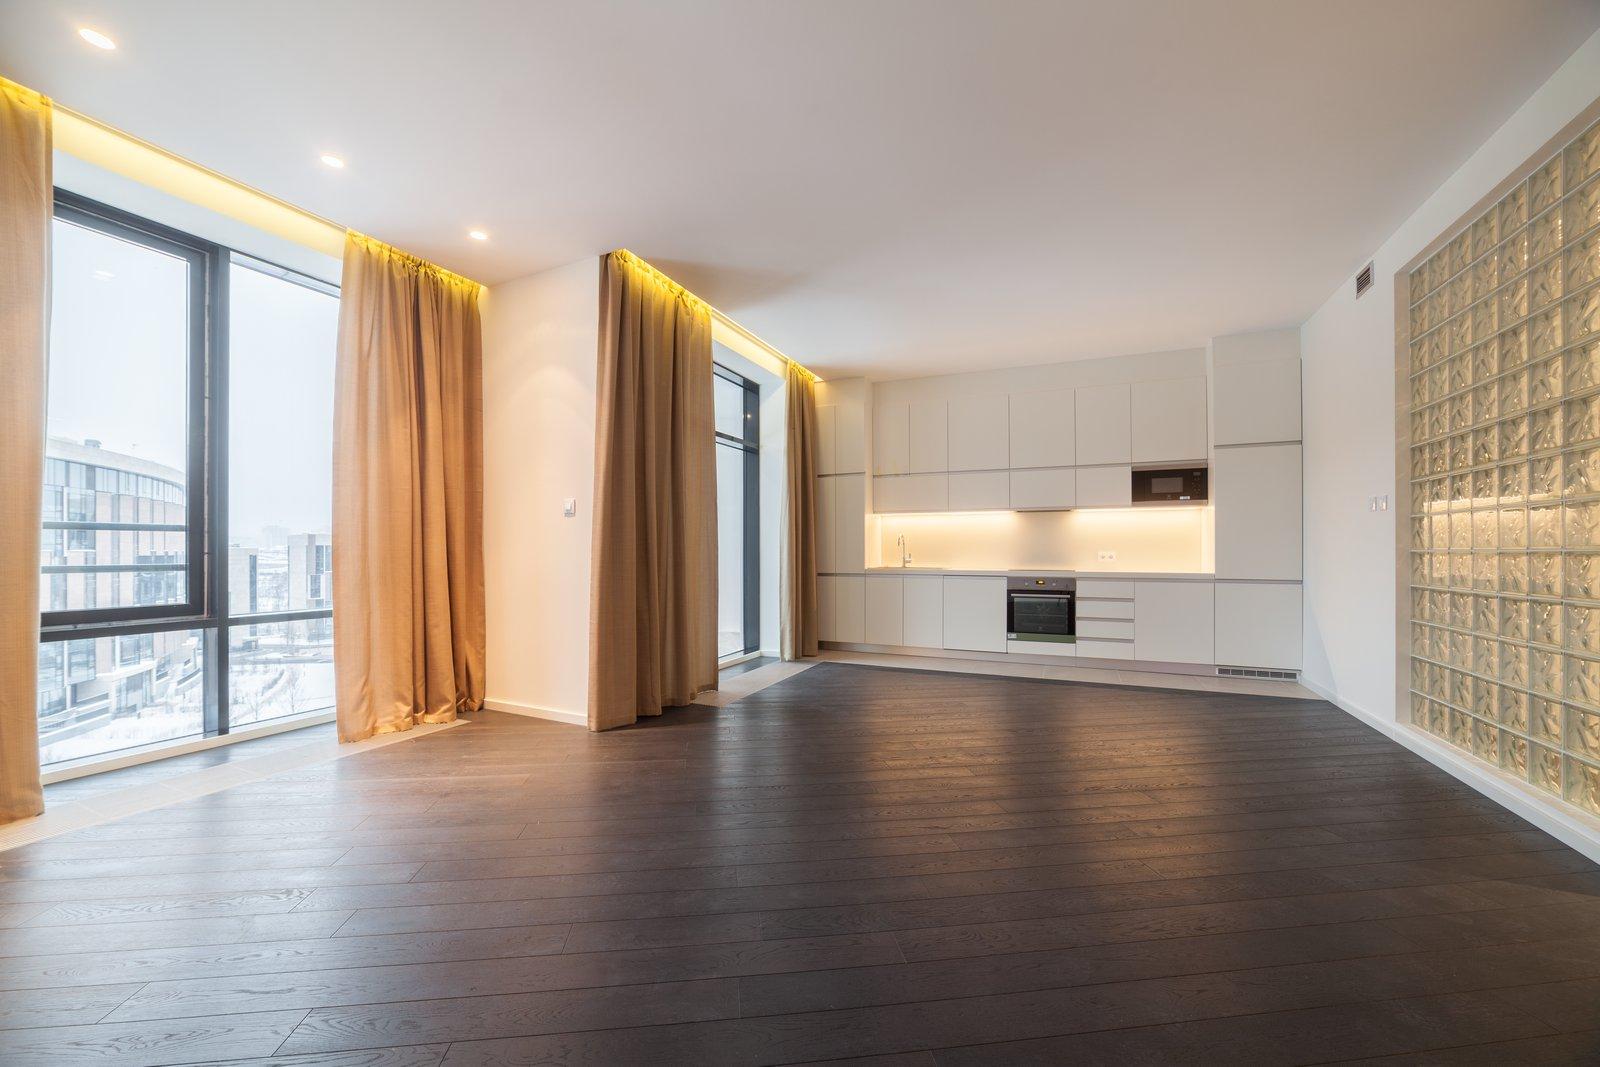 оставил одного дизайн жилых помещений фото без мебели фоне